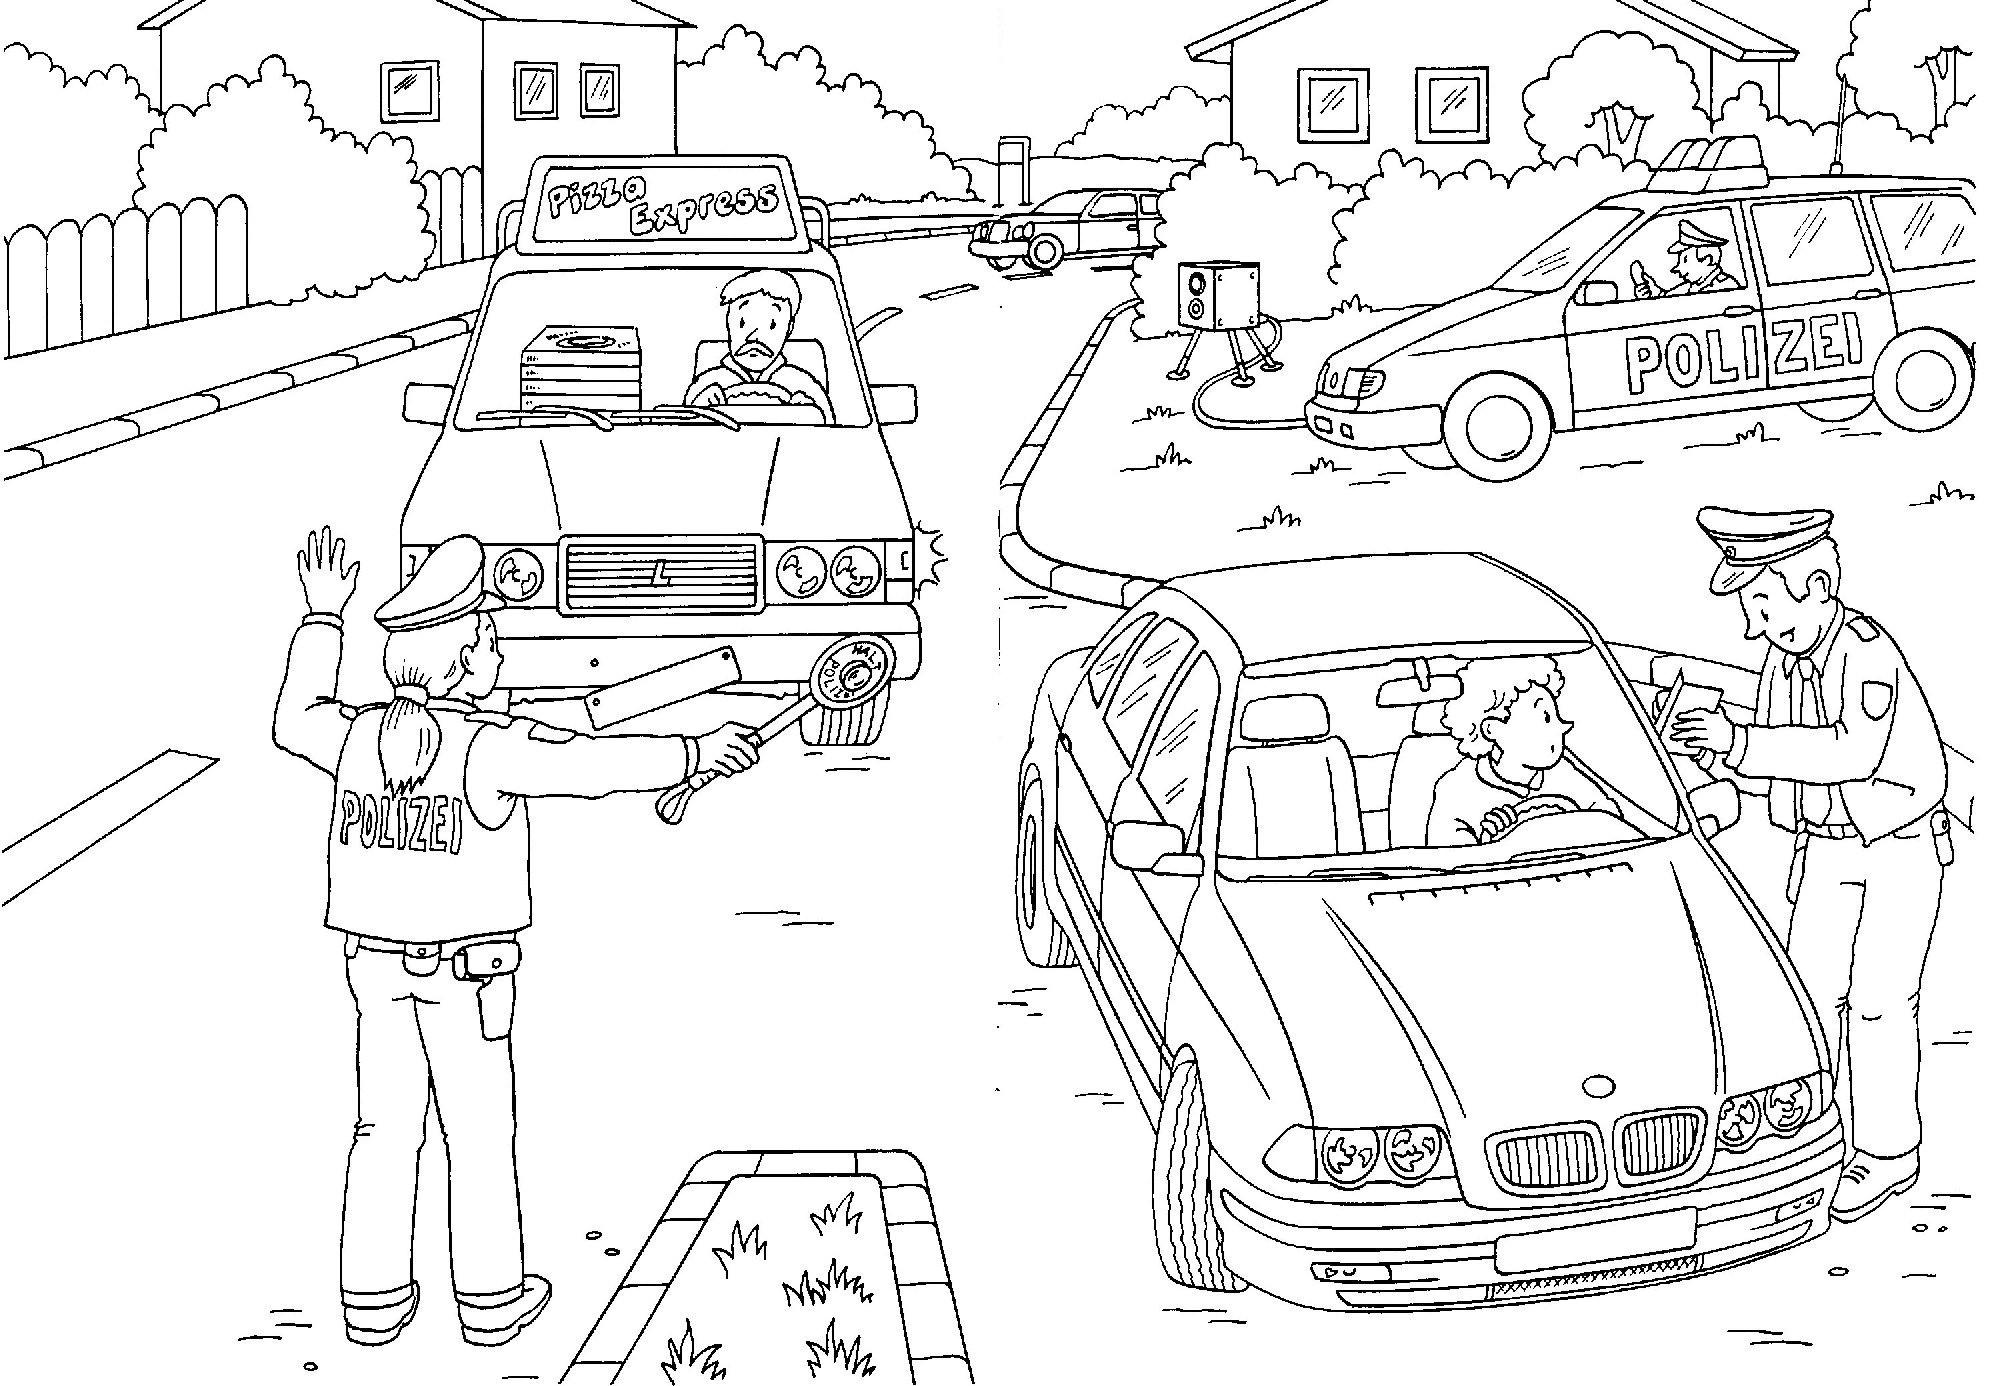 Ausmalbilder Ich Einfach Unverbesserlich Genial Drei Auto Polizei Ausmalbilder 75 Malvorlage Polizei Ausmalbilder Bilder